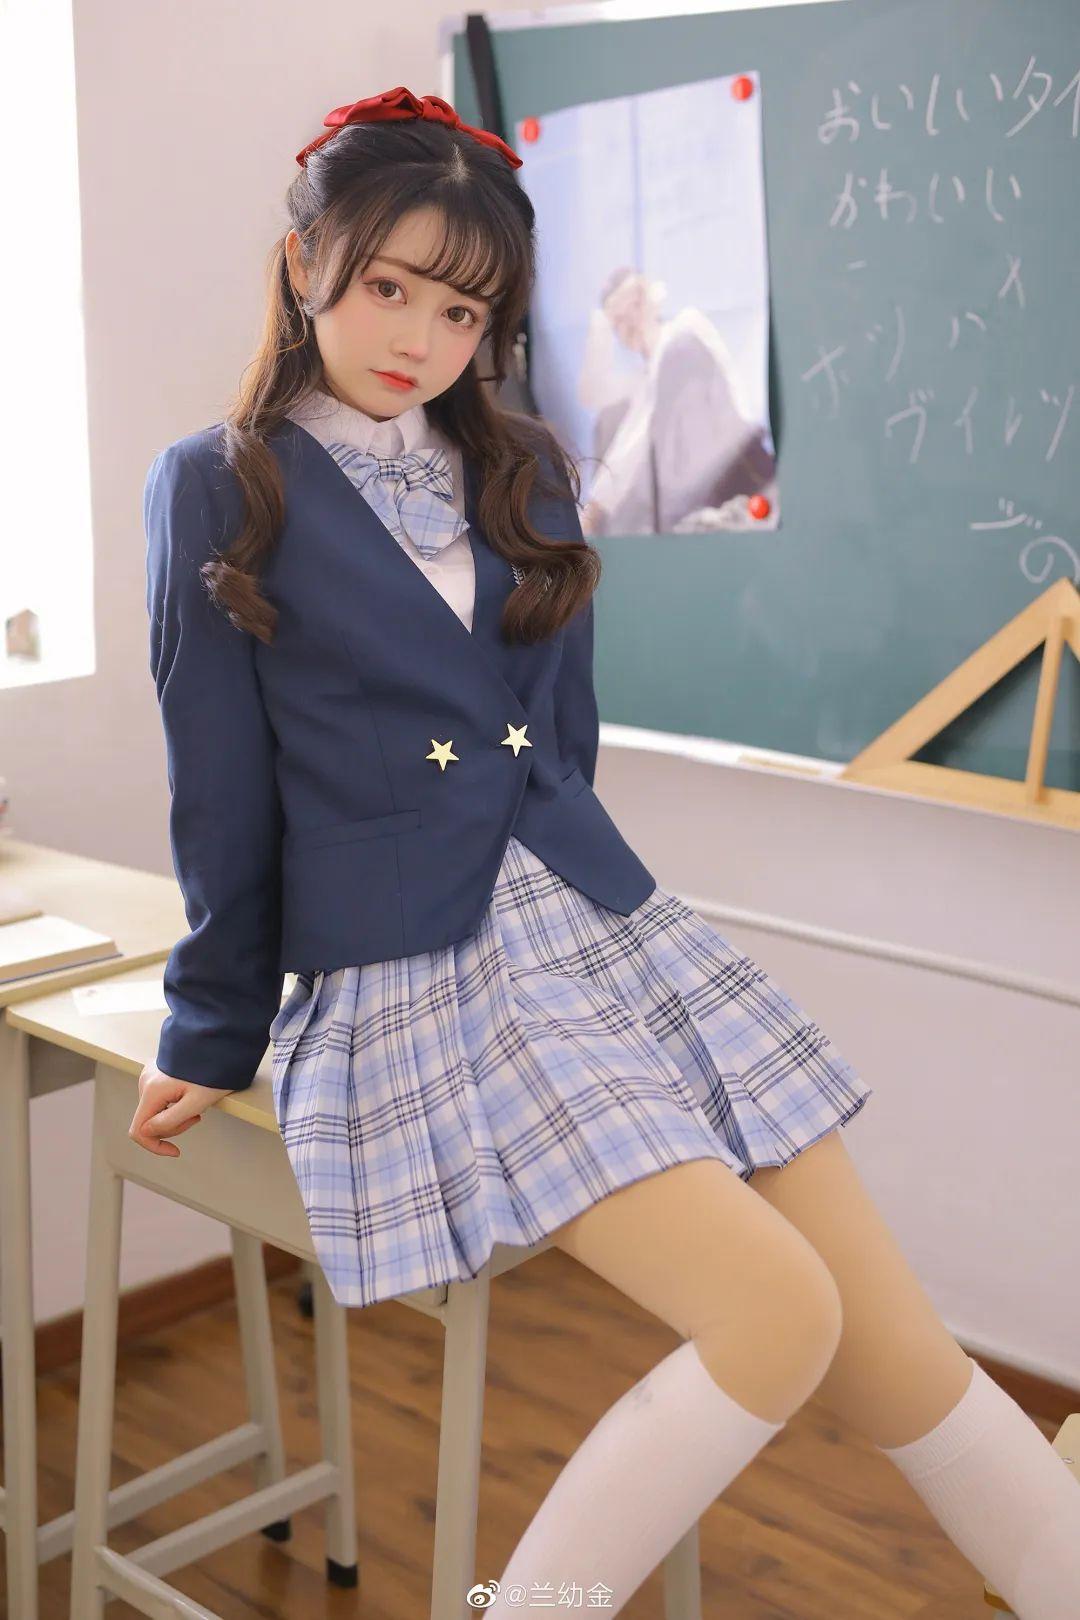 JK制服白丝袜 美少女兰幼金教室写真_图片 No.6